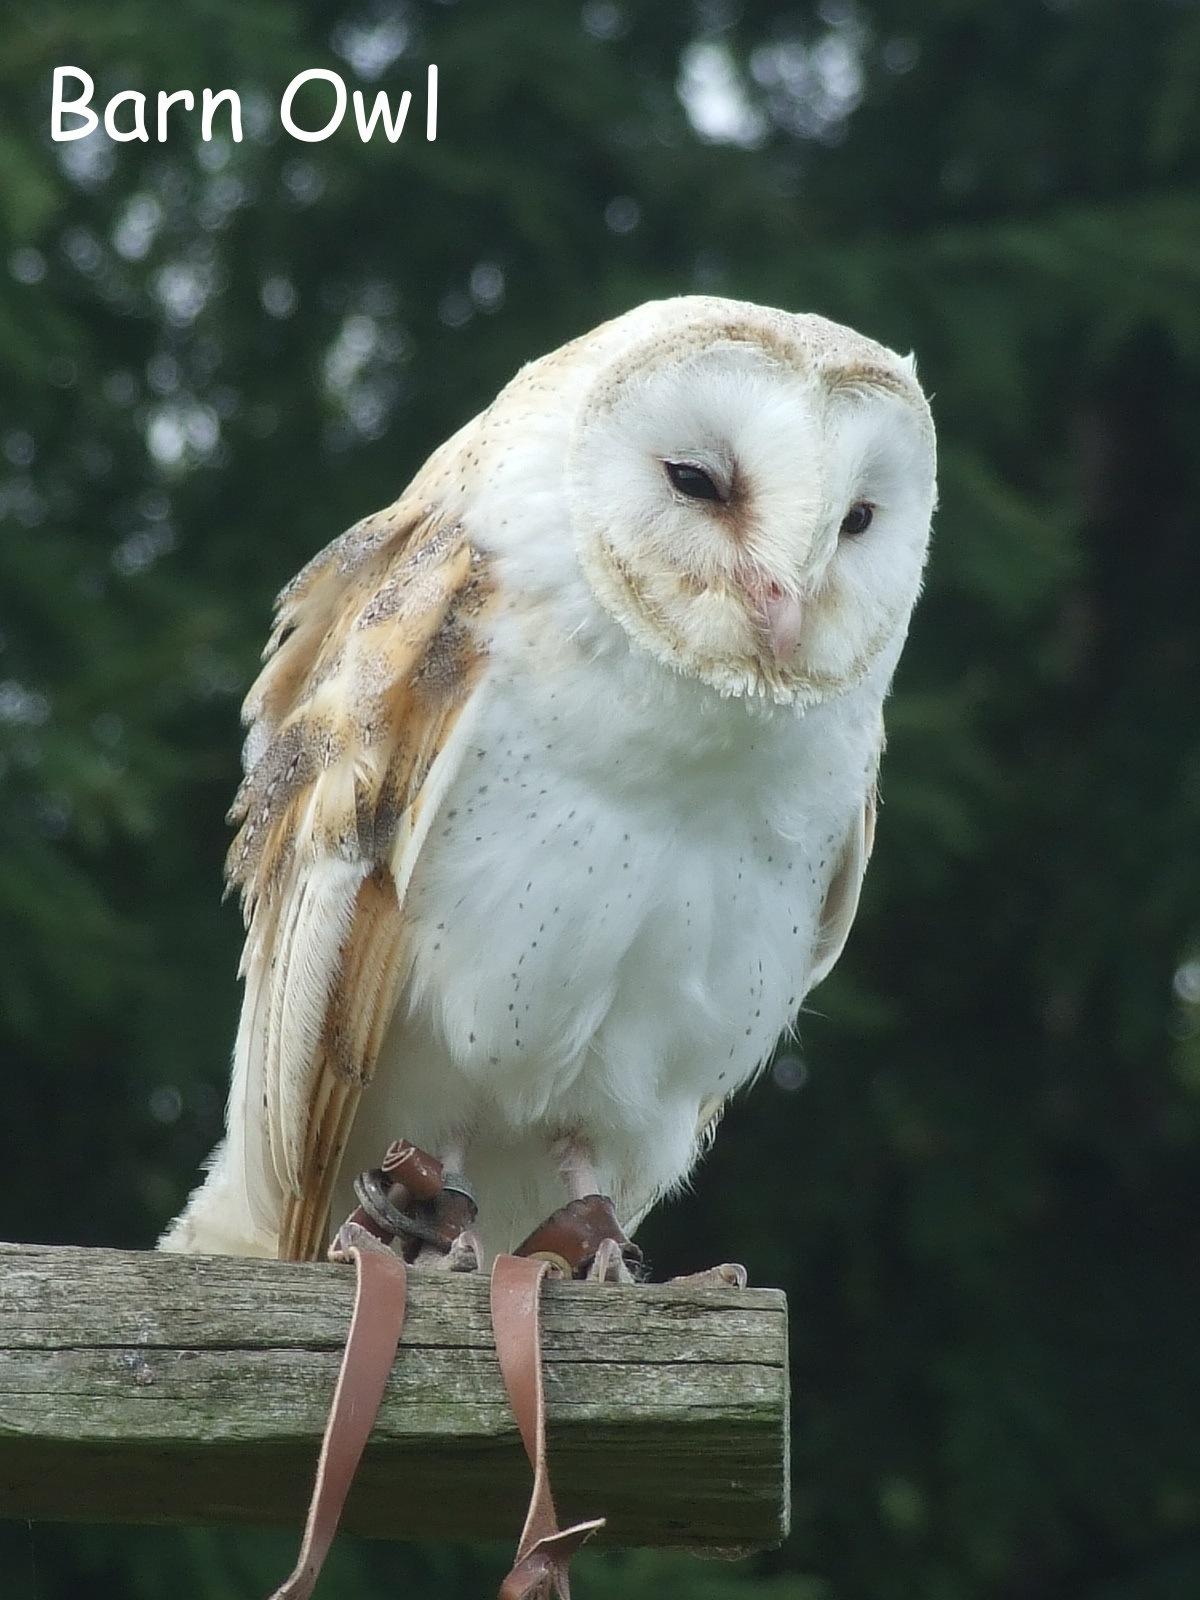 Barn Owl by Rich66